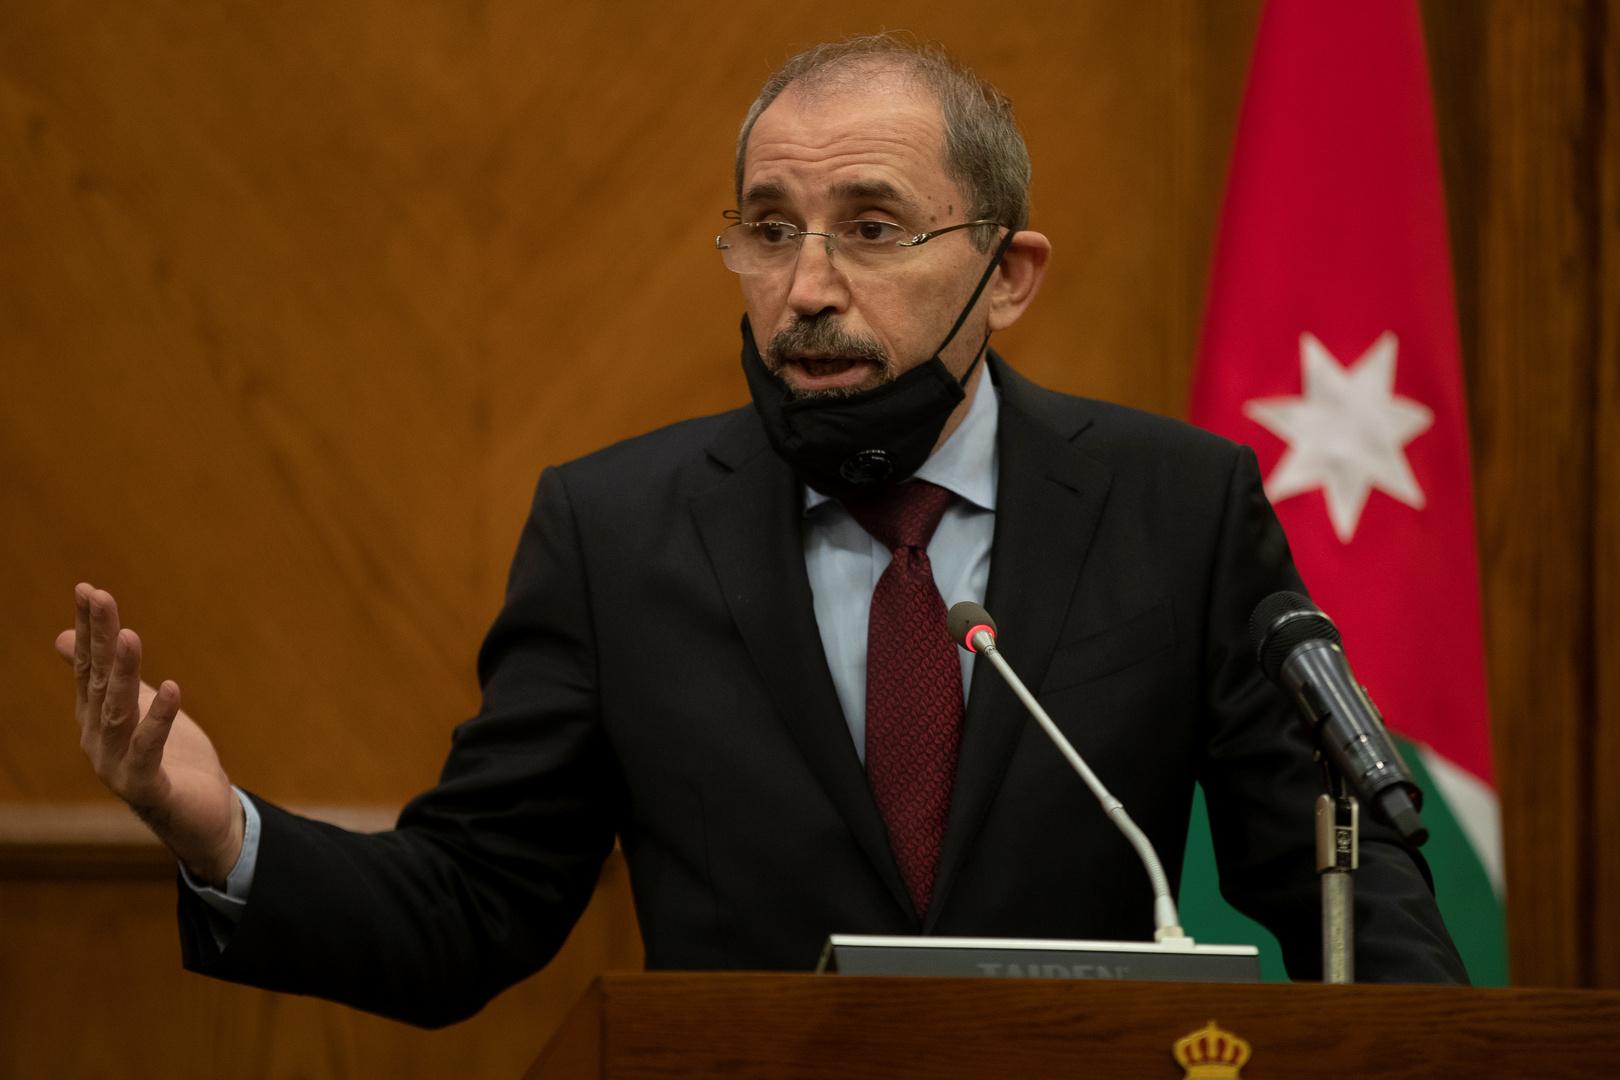 الصفدي: اتفاقية التعاون العسكري لا تمس السيادة الأردنية